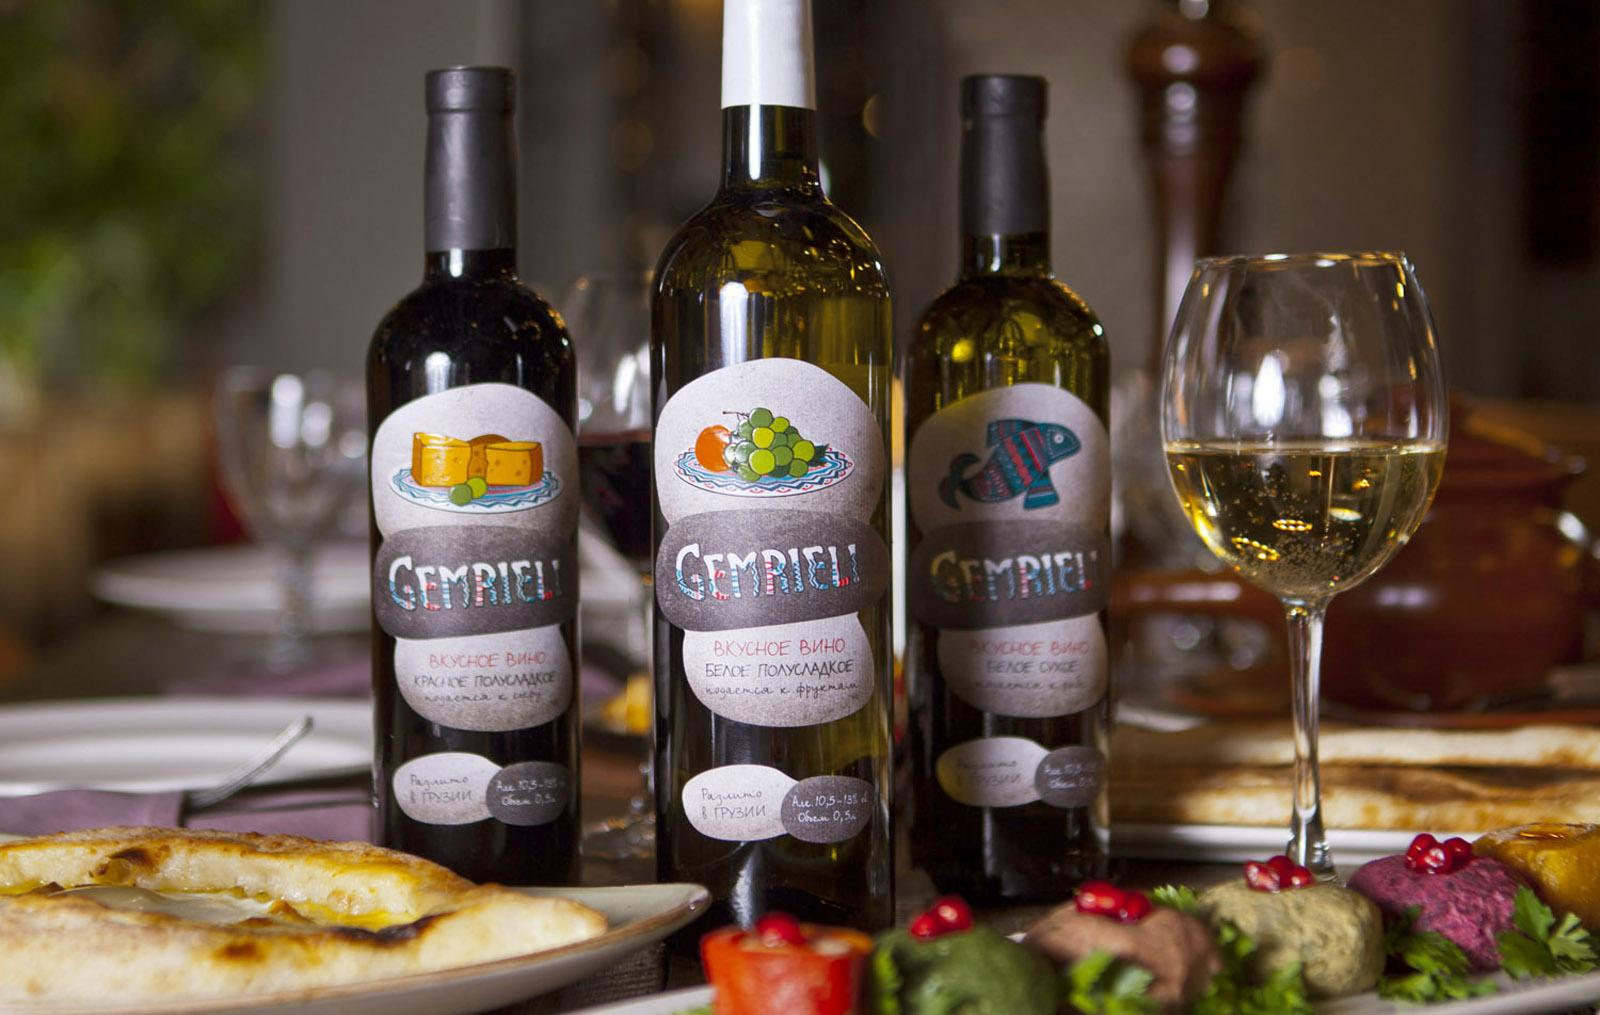 Gemrieli Разработка дизайна этикетки для вина.